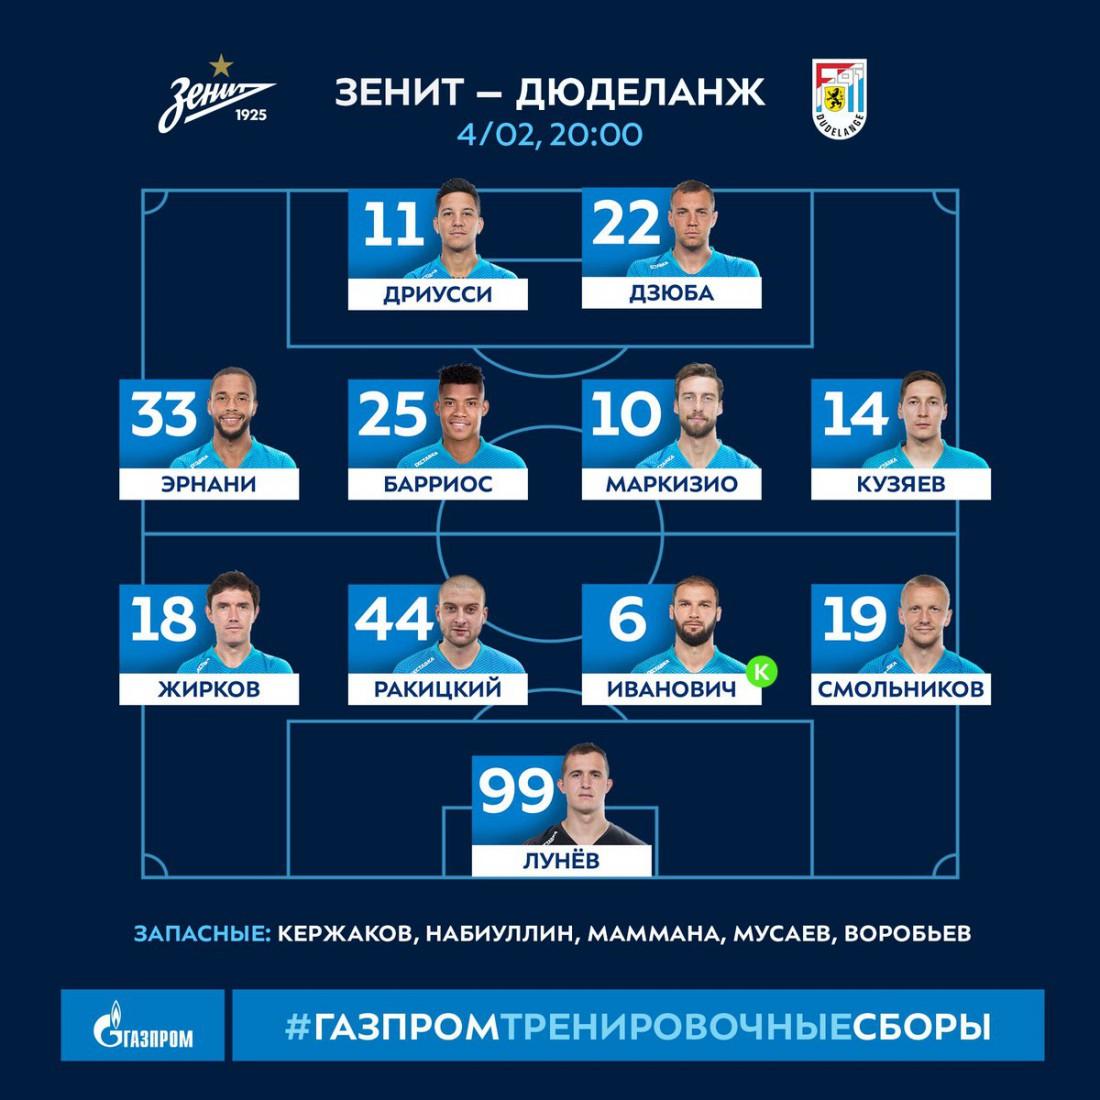 Ракицкий попал в стартовый состав Зенита